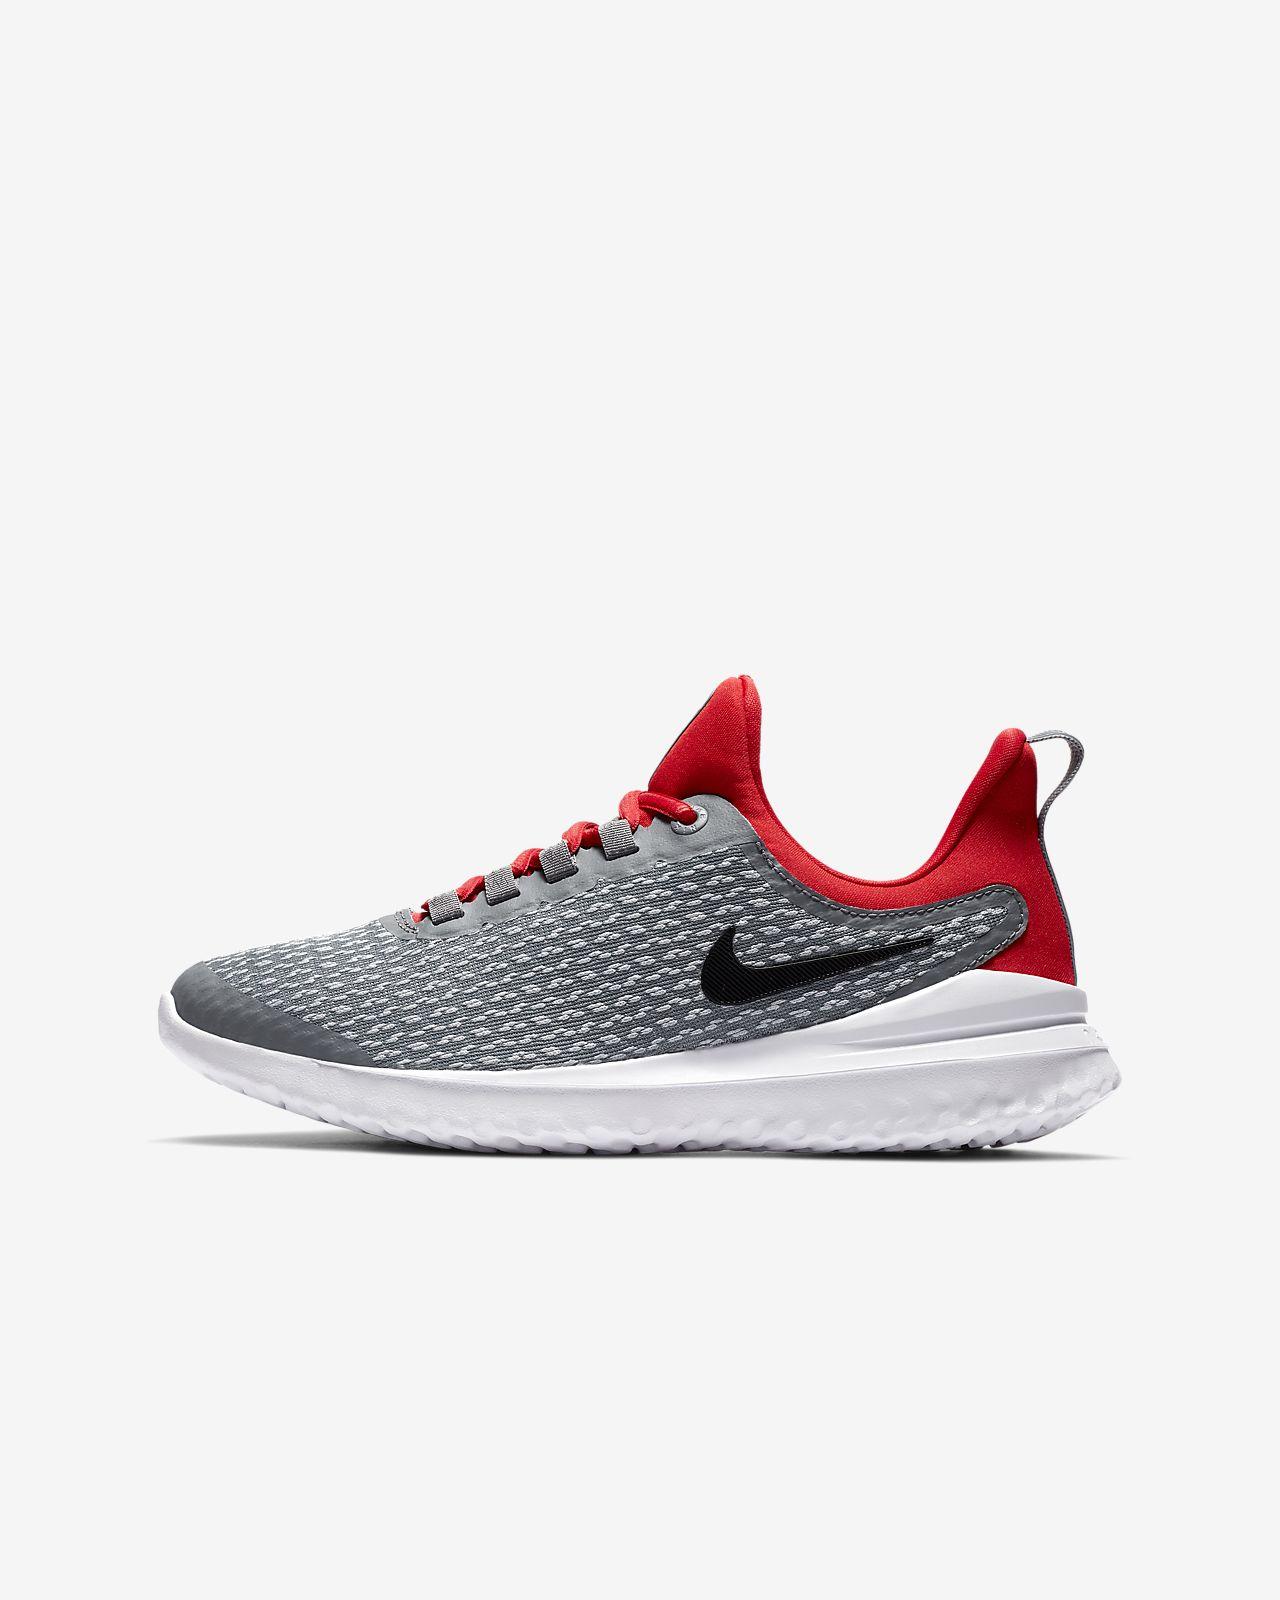 Παπούτσι για τρέξιμο Nike Renew Rival για μεγάλα παιδιά